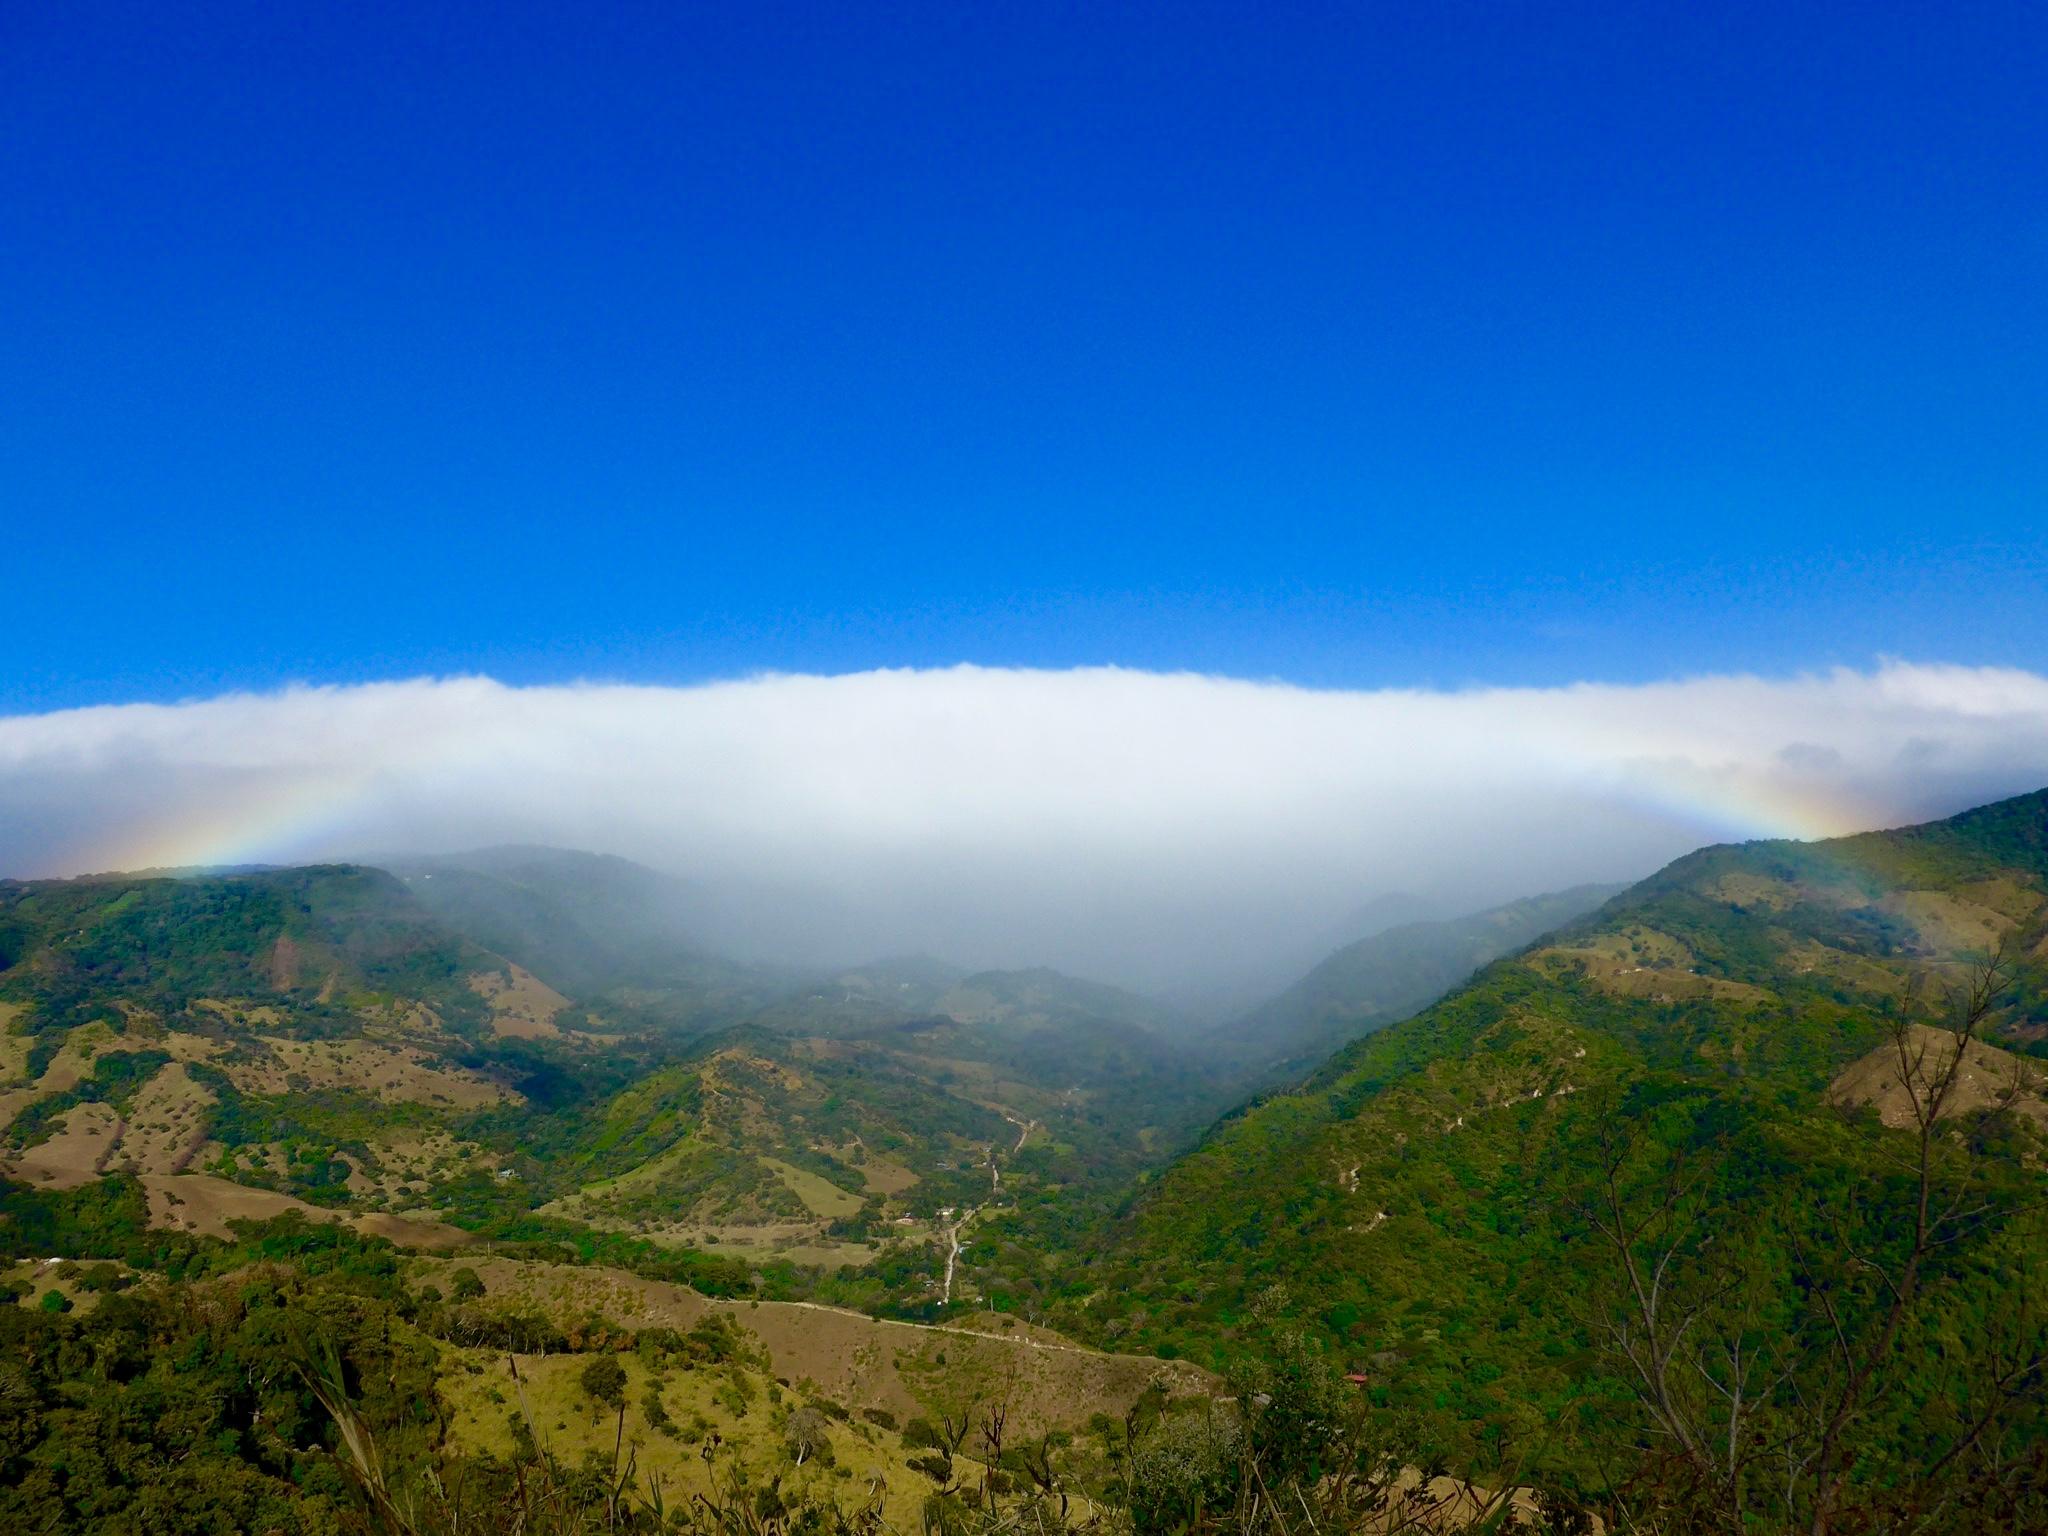 Ein Regenbogen ohne Regen - sieht man auch nicht alle Tage!